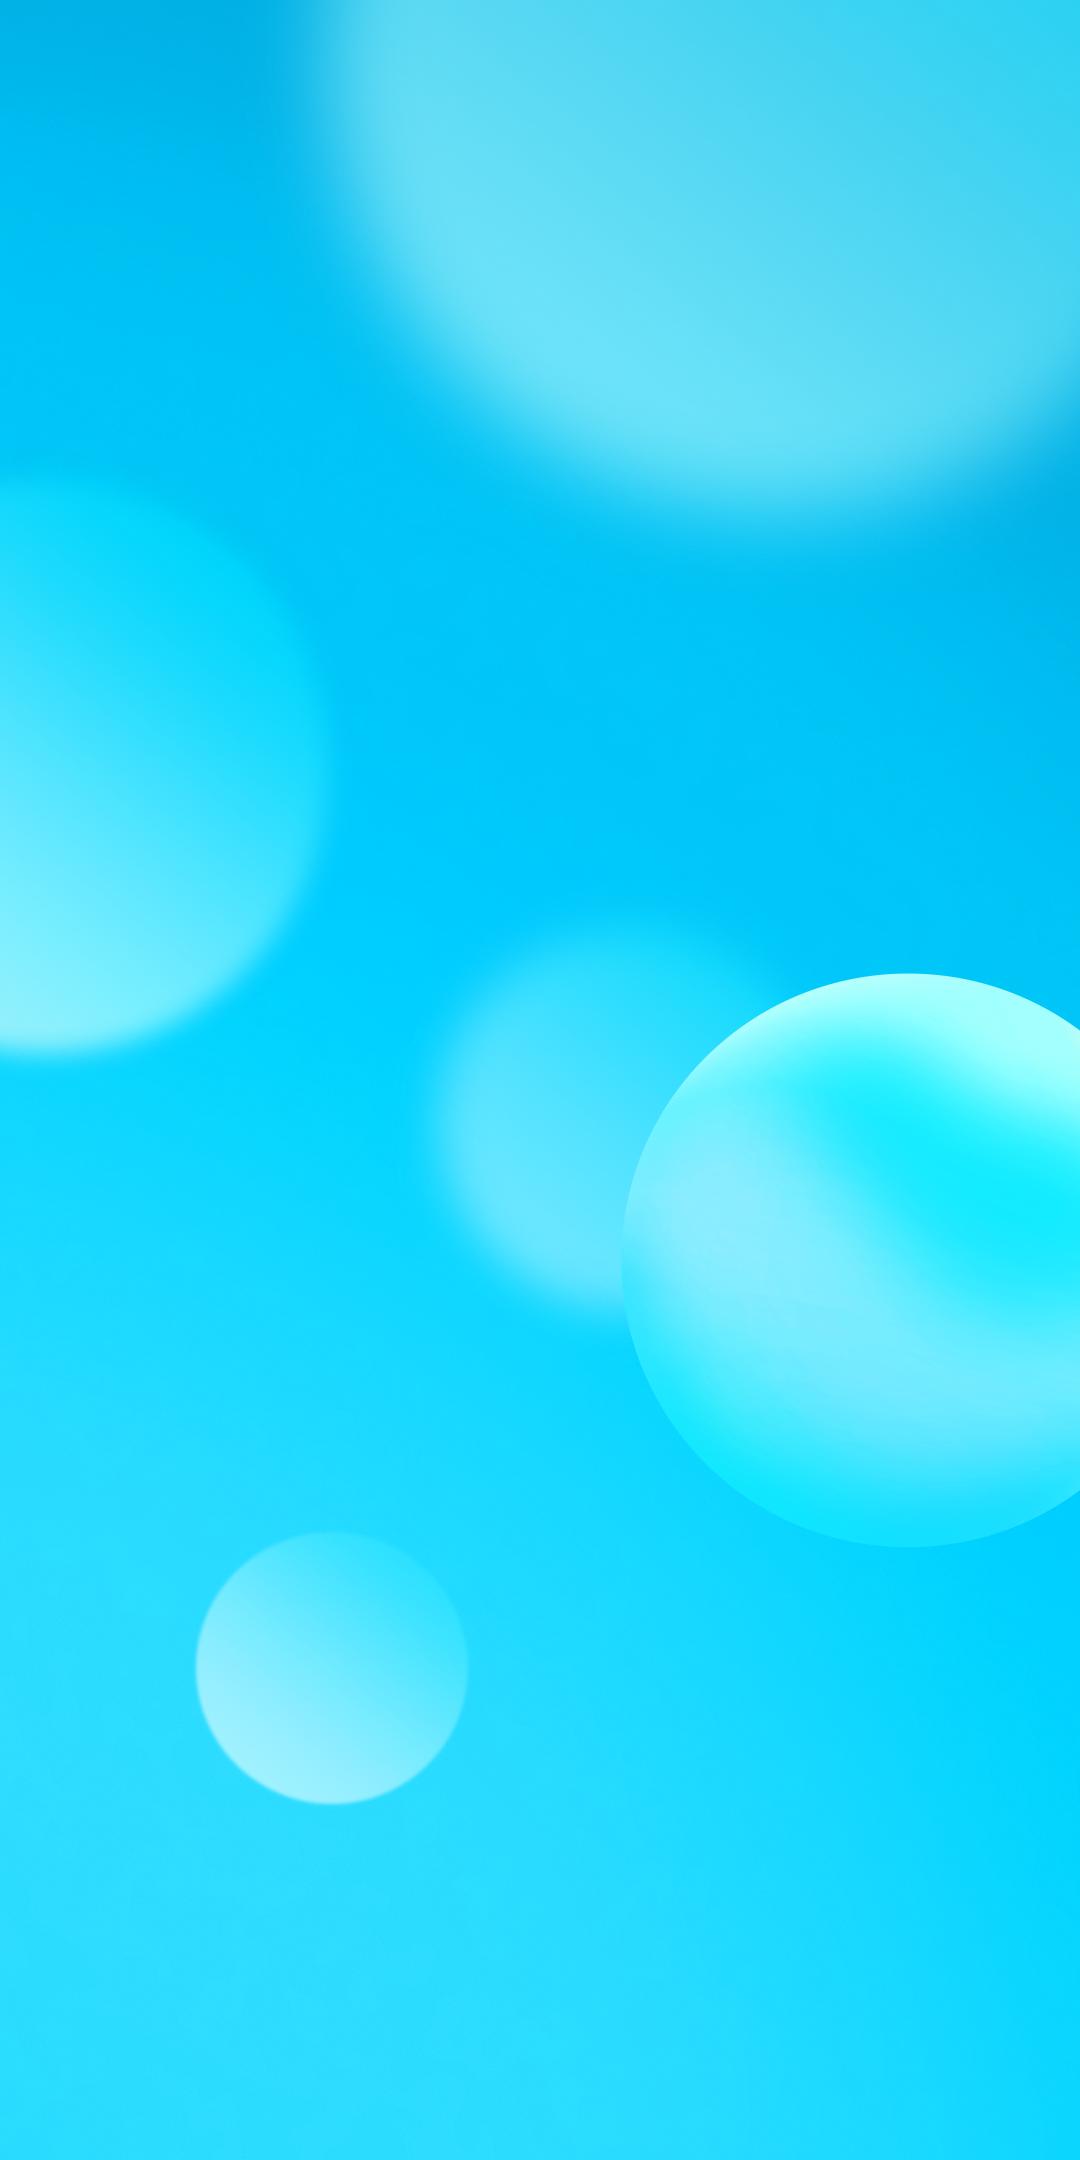 Chia sẻ bộ ảnh nền mặc định của Xiaomi Mi A2, Nubia Z18 mini và FlymeOS 7